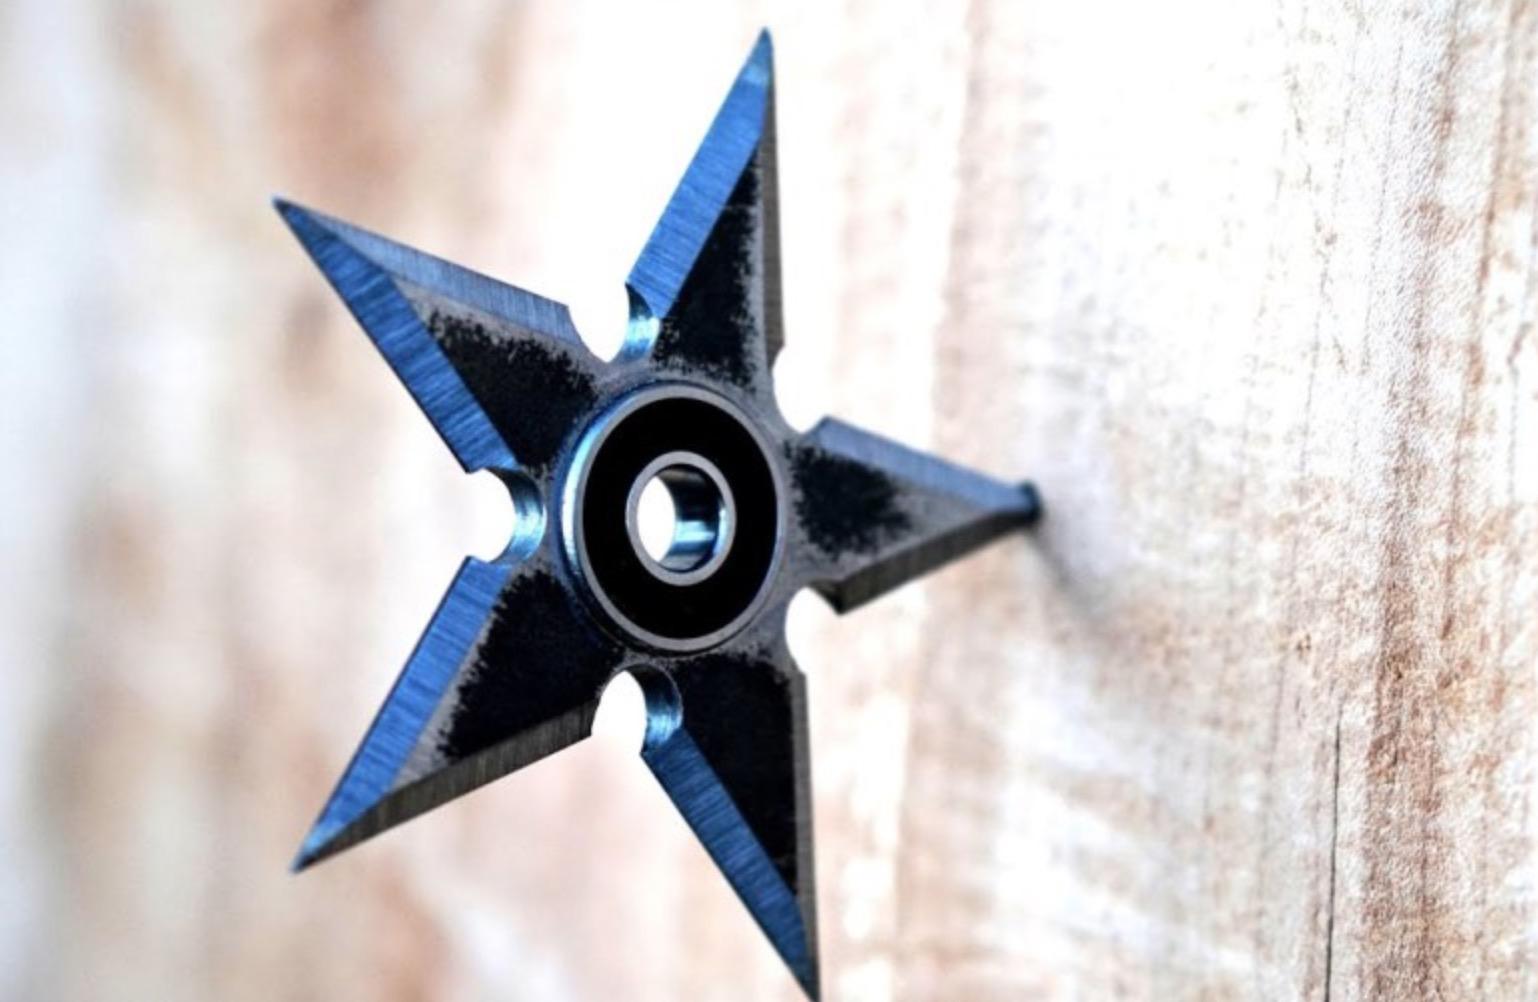 Fidget spinner eBay